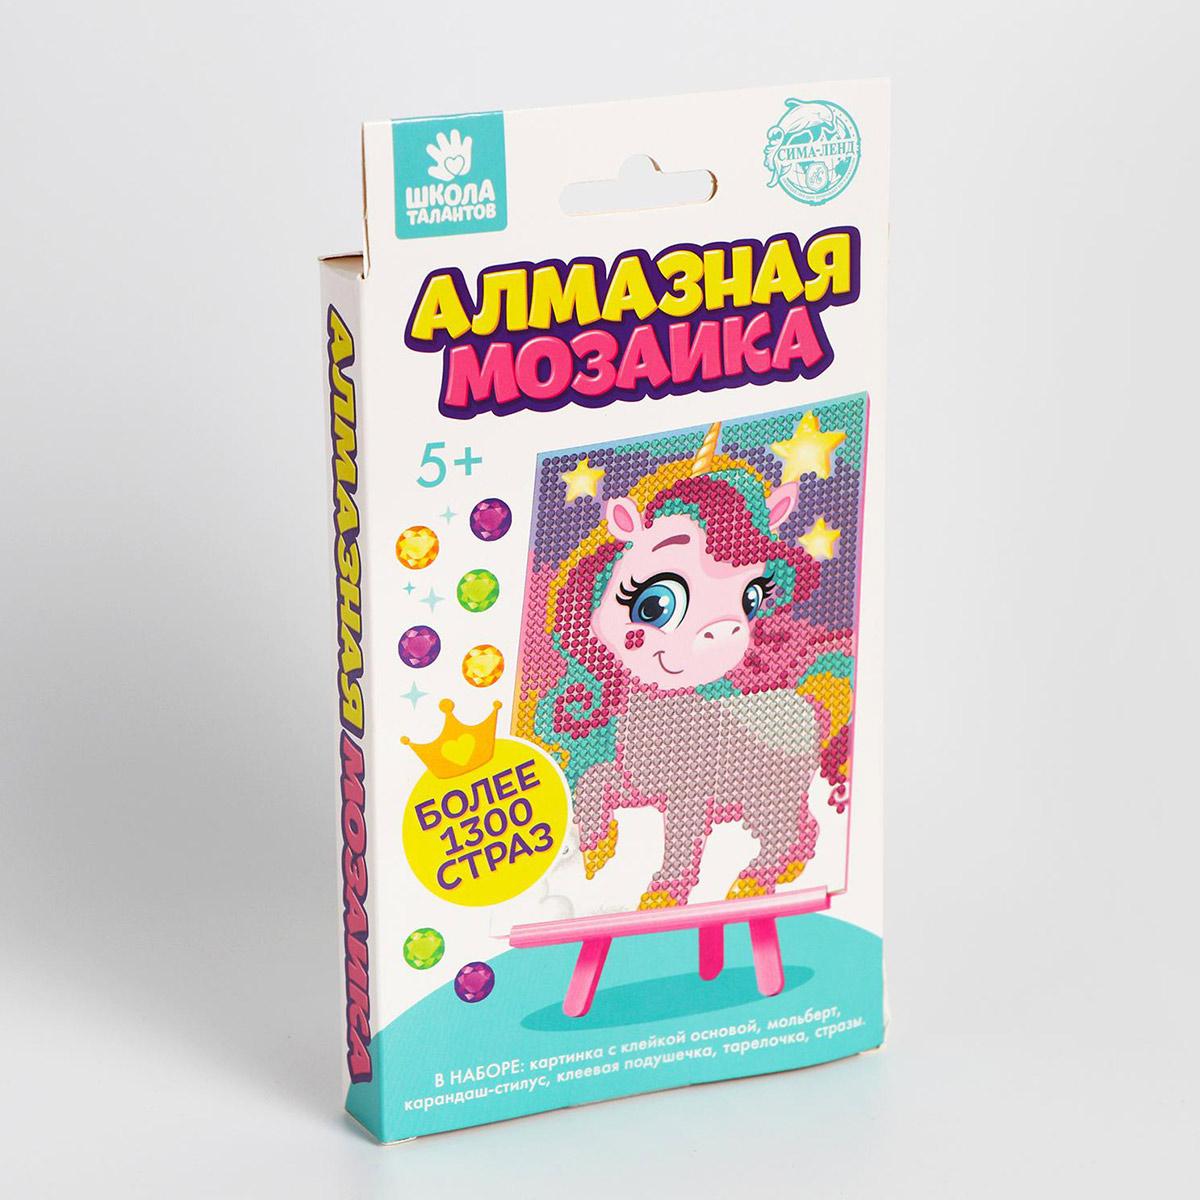 5094454 Алмазная мозаика для детей 'Веселый единорог' + емкость, стержень с клеевой подушечкой